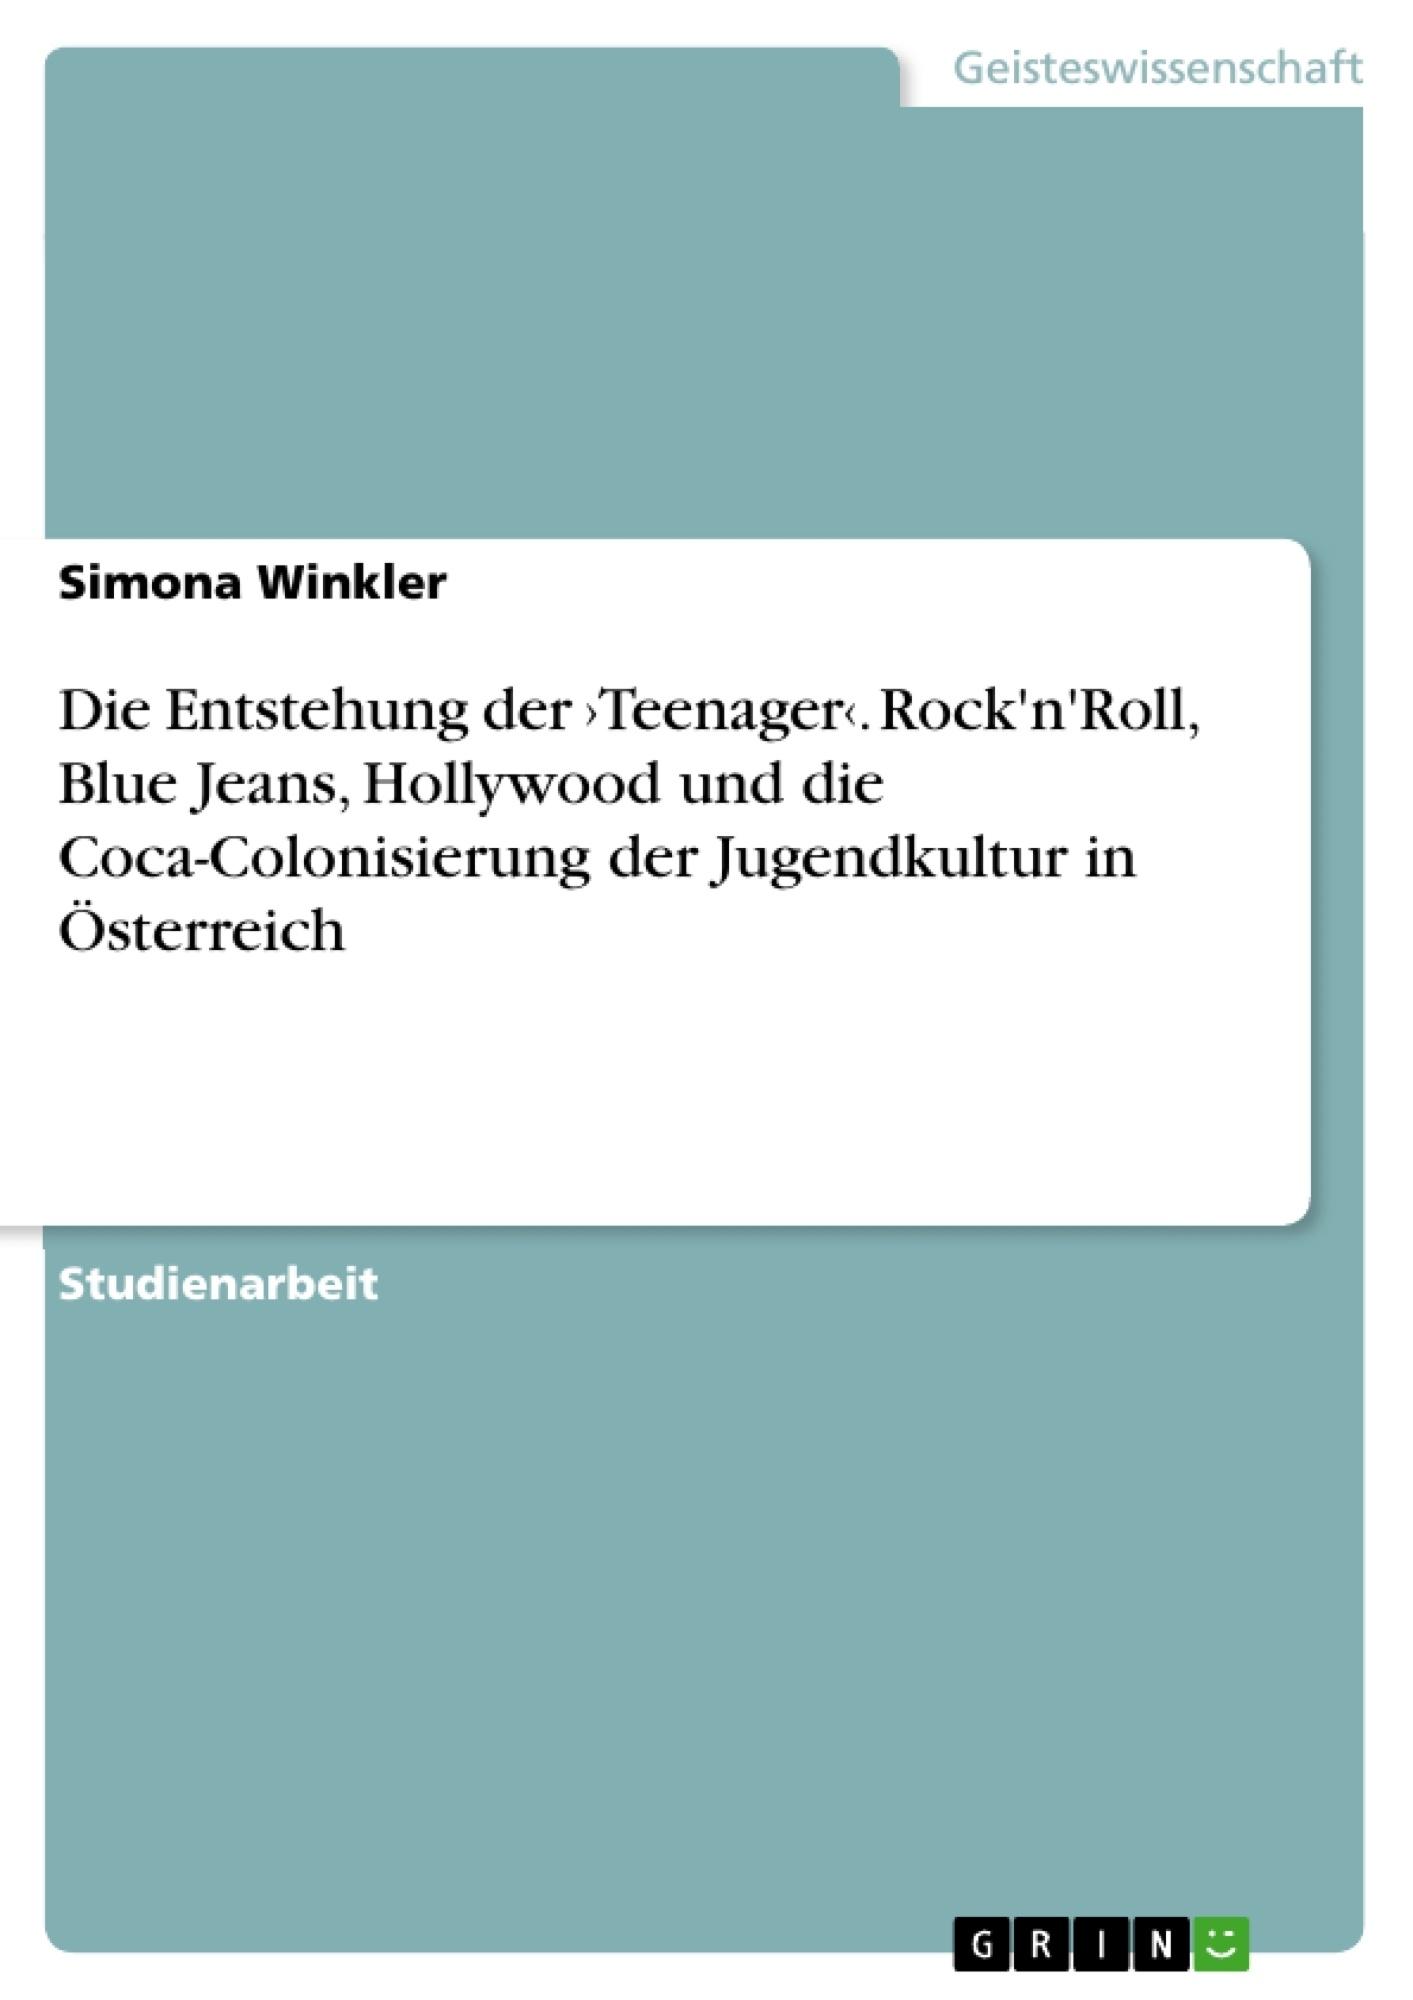 Titel: Die Entstehung der ›Teenager‹. Rock'n'Roll, Blue Jeans, Hollywood und die Coca-Colonisierung der Jugendkultur in Österreich